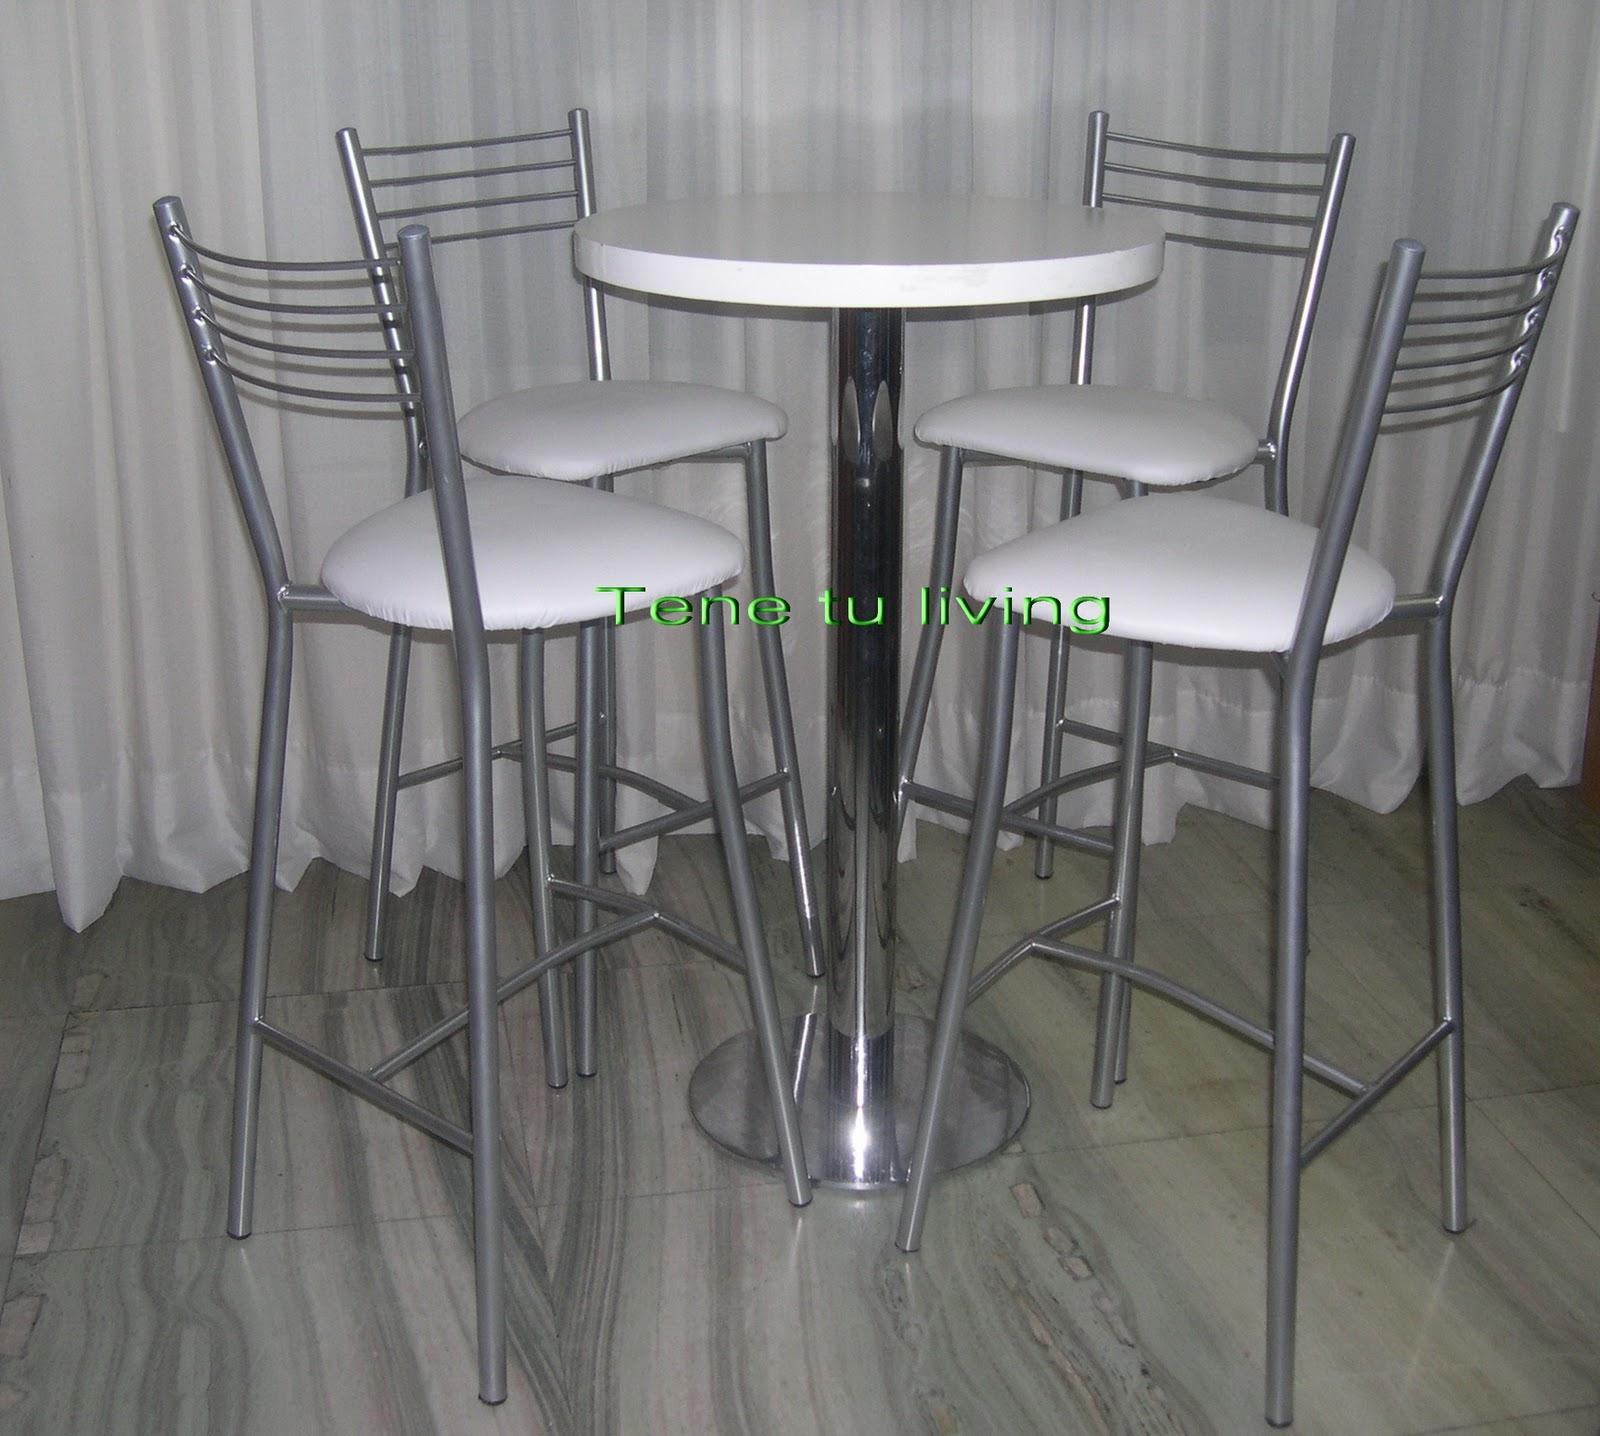 Tene tu living alquiler de mesas y sillas altas para eventos for Sillas para rentar